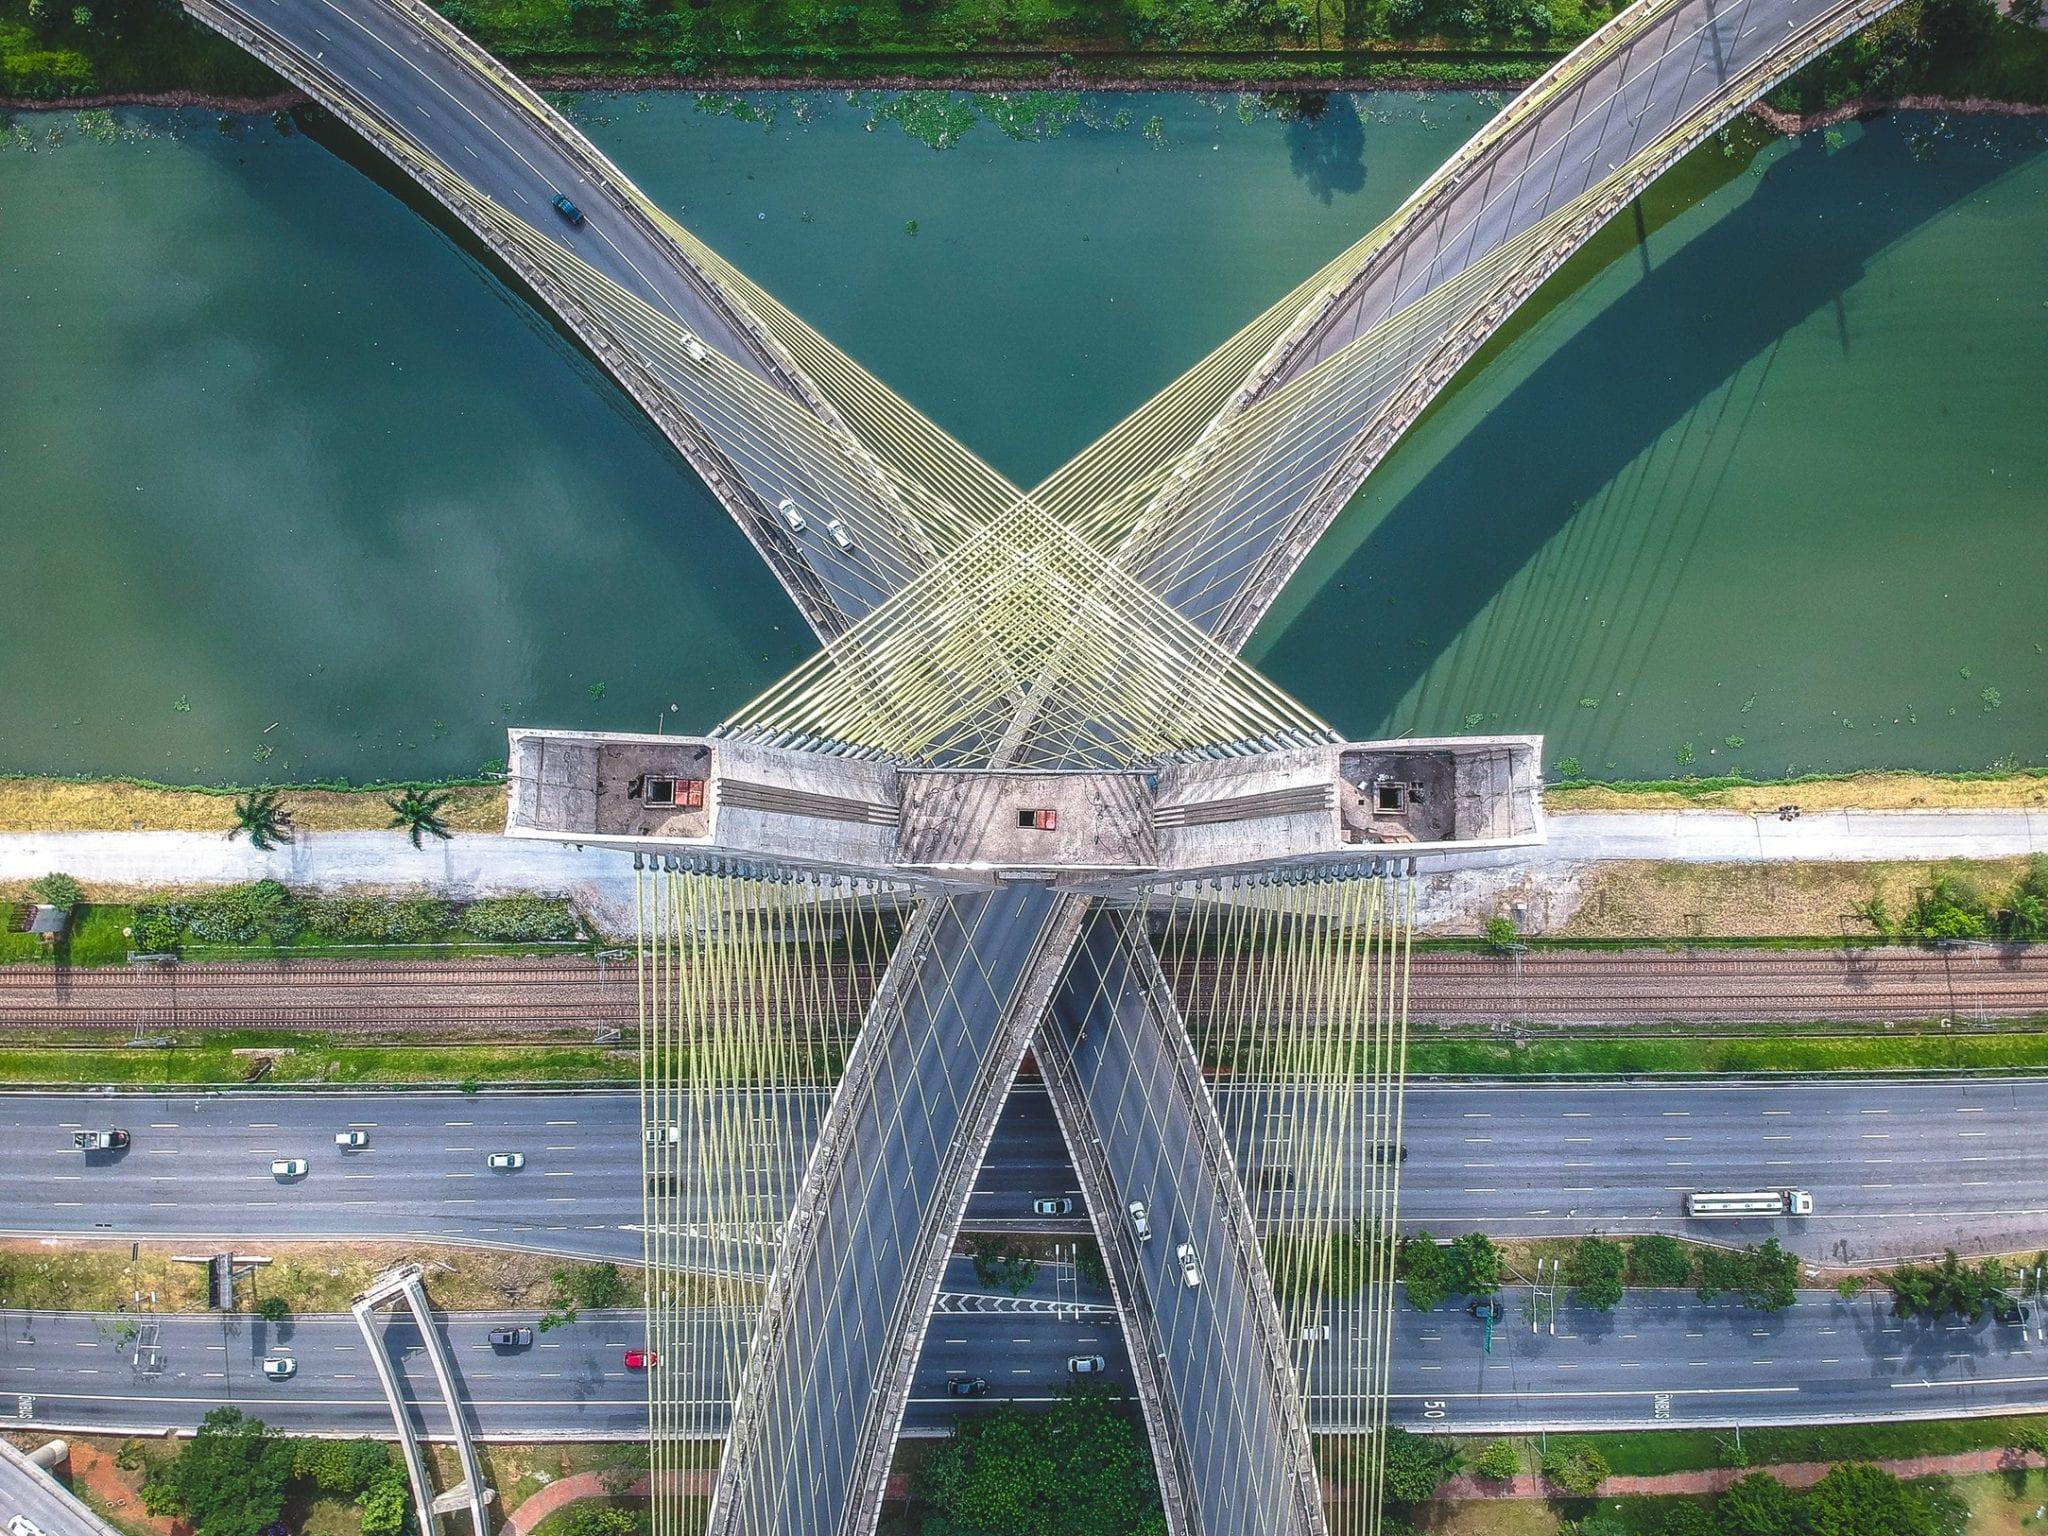 fotograferen met een drone brug